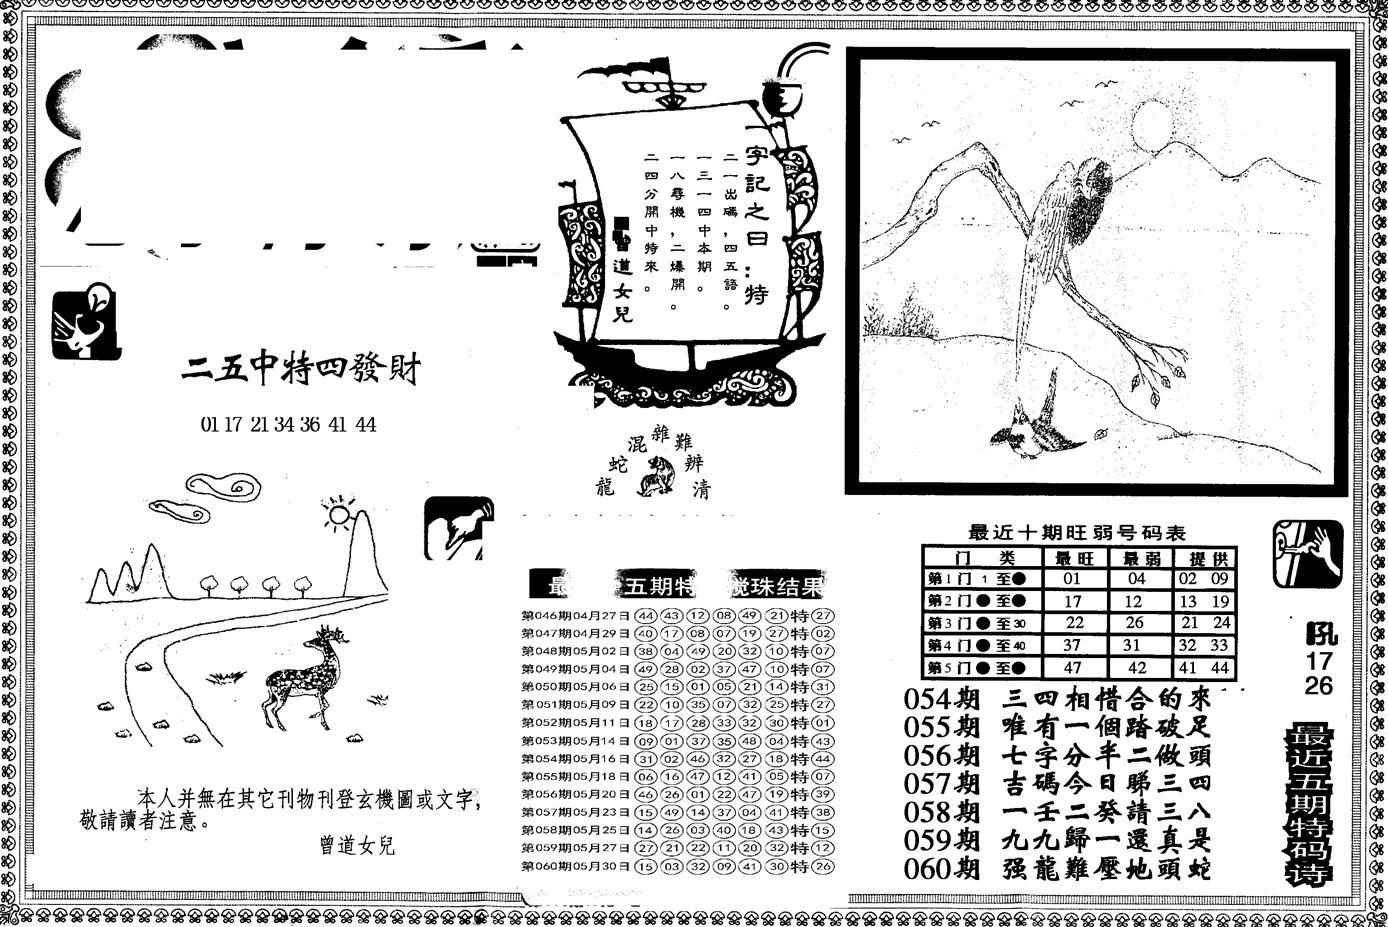 061期另版心水特码(黑白)